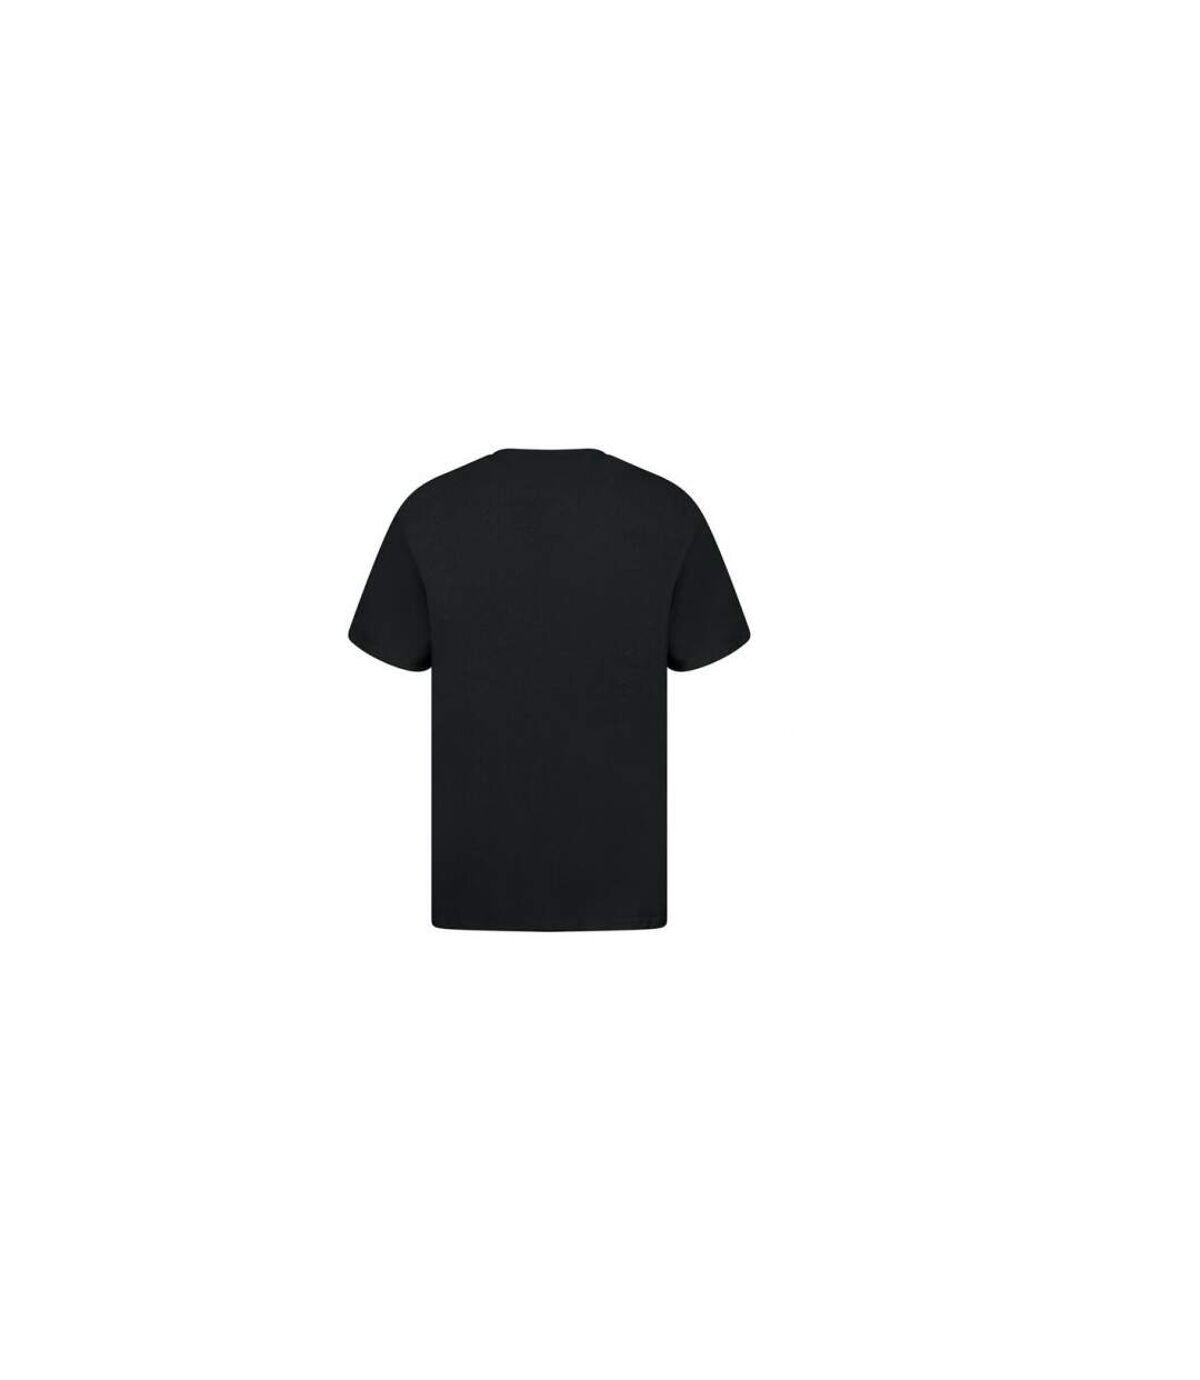 Casual Classic Mens Ringspun Tee (Black) - UTAB261